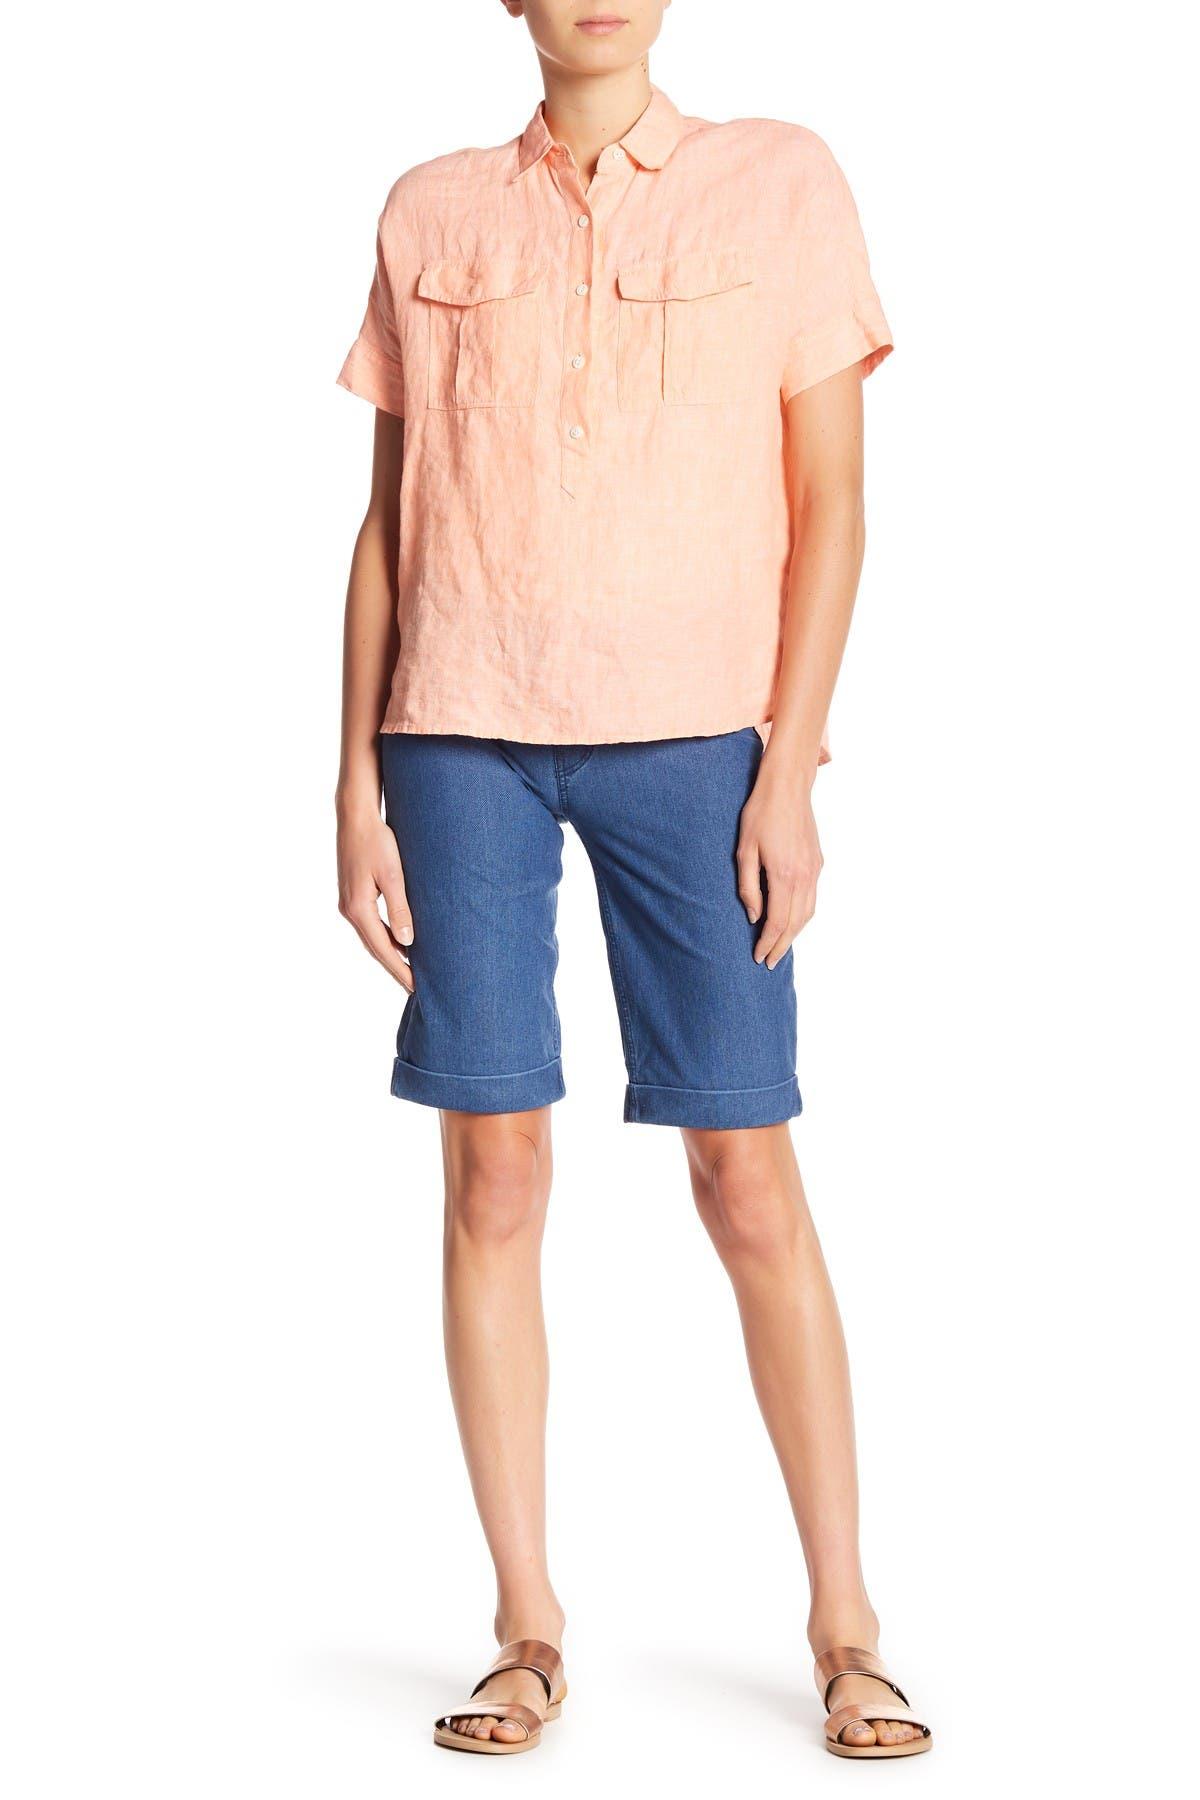 Image of HUE Essential Boyfriend Cuffed Shorts